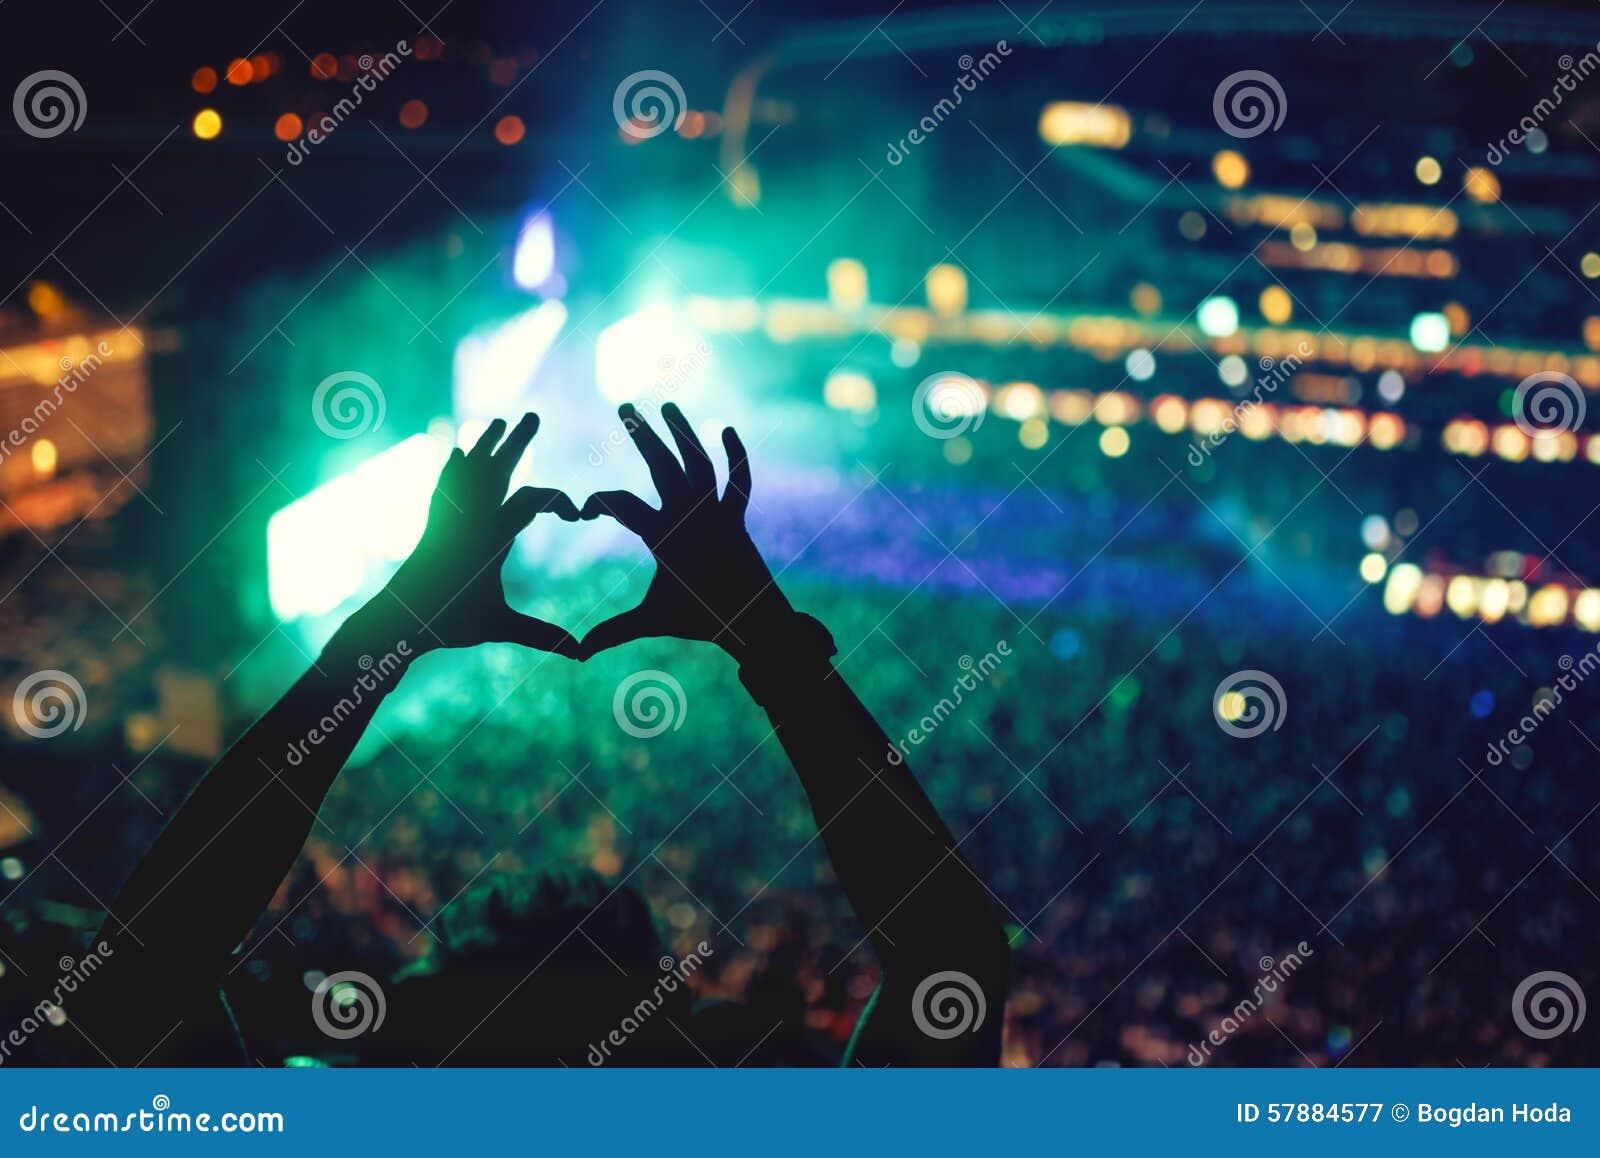 Il cuore ha modellato le mani al concerto, amando l artista ed il festival Concerto di musica con le luci e la siluetta di un god